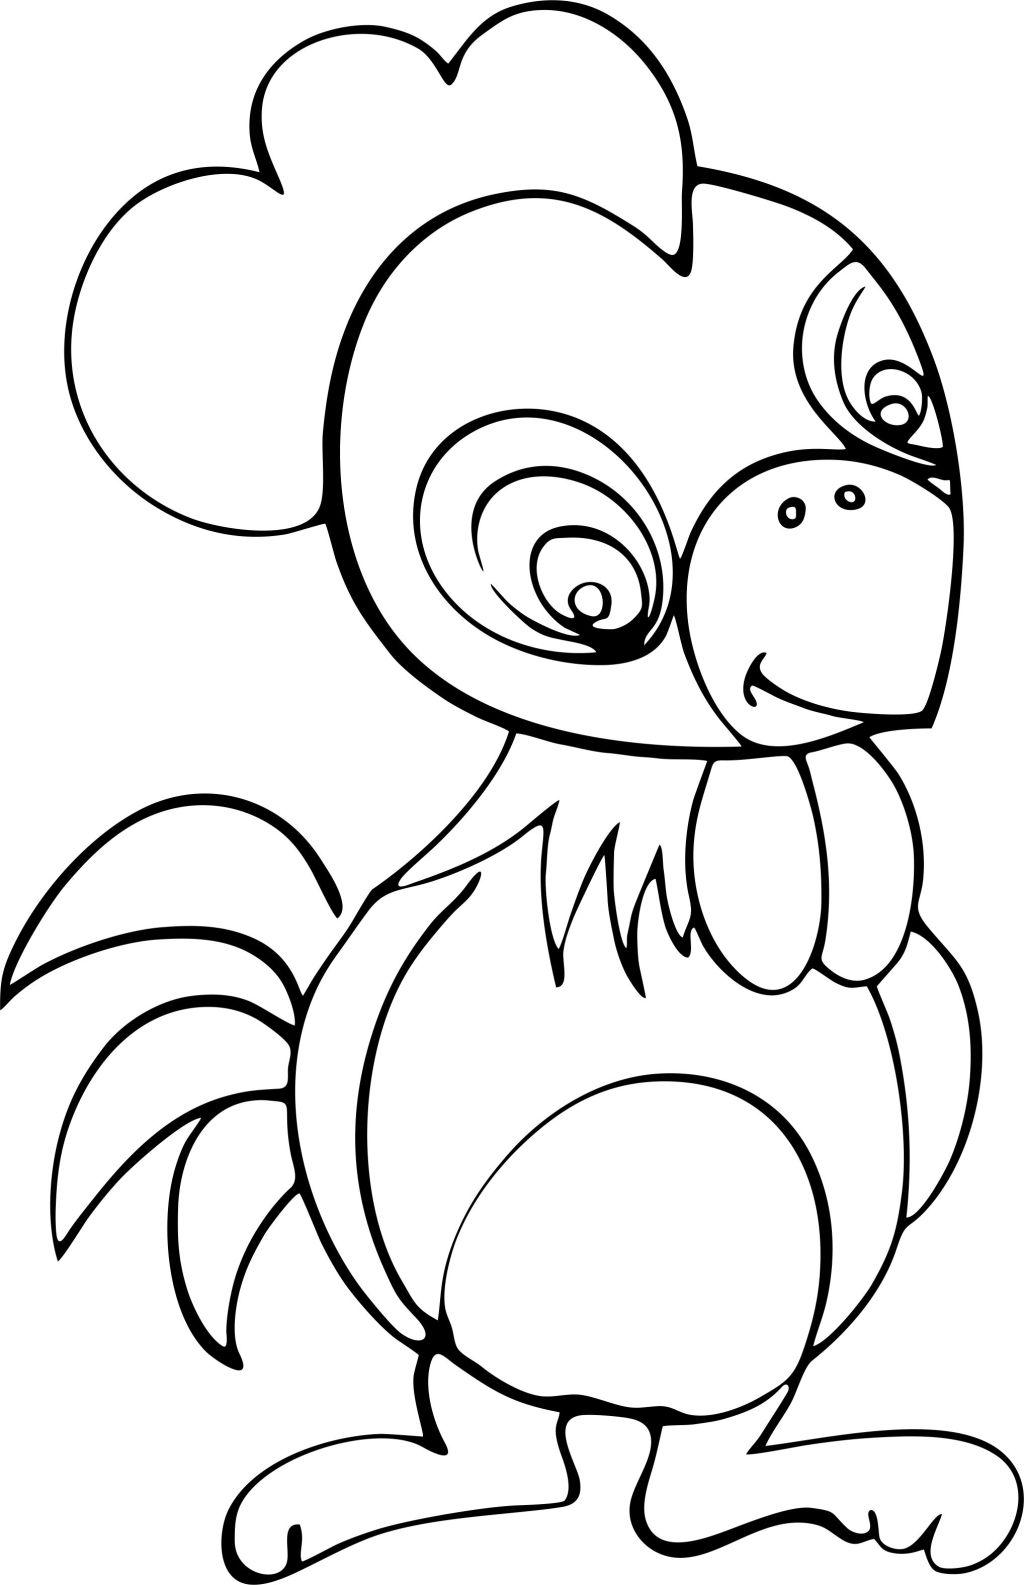 可爱鸡仔手绘图